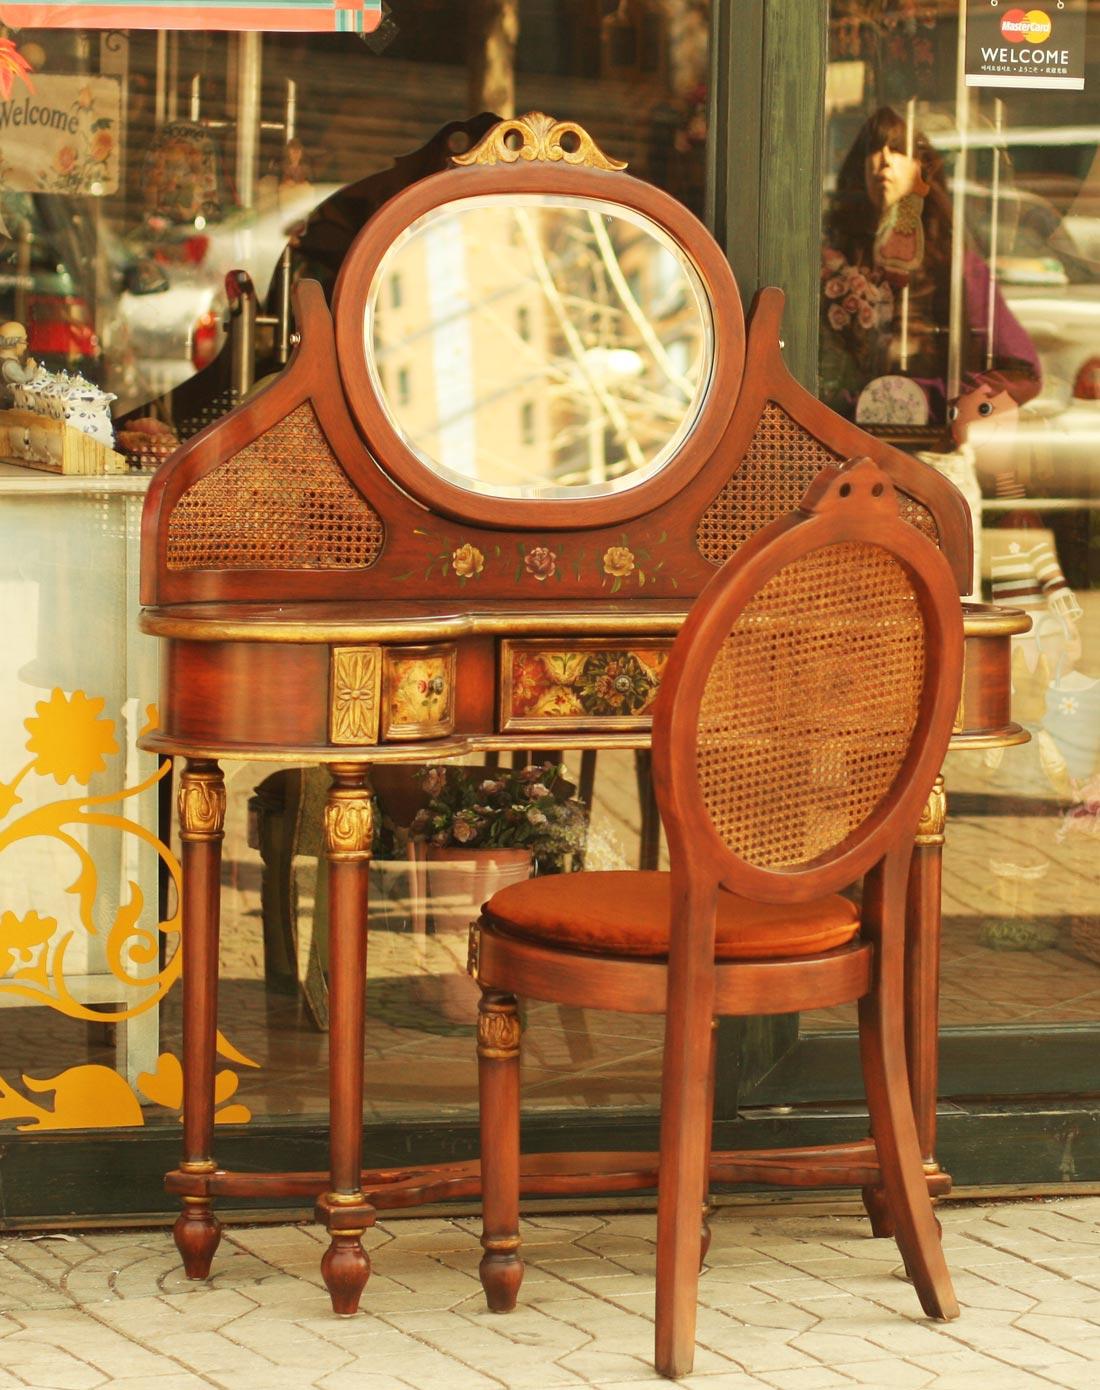 欧式宫廷唯美手绘雕花镜面梳妆台带椅套装